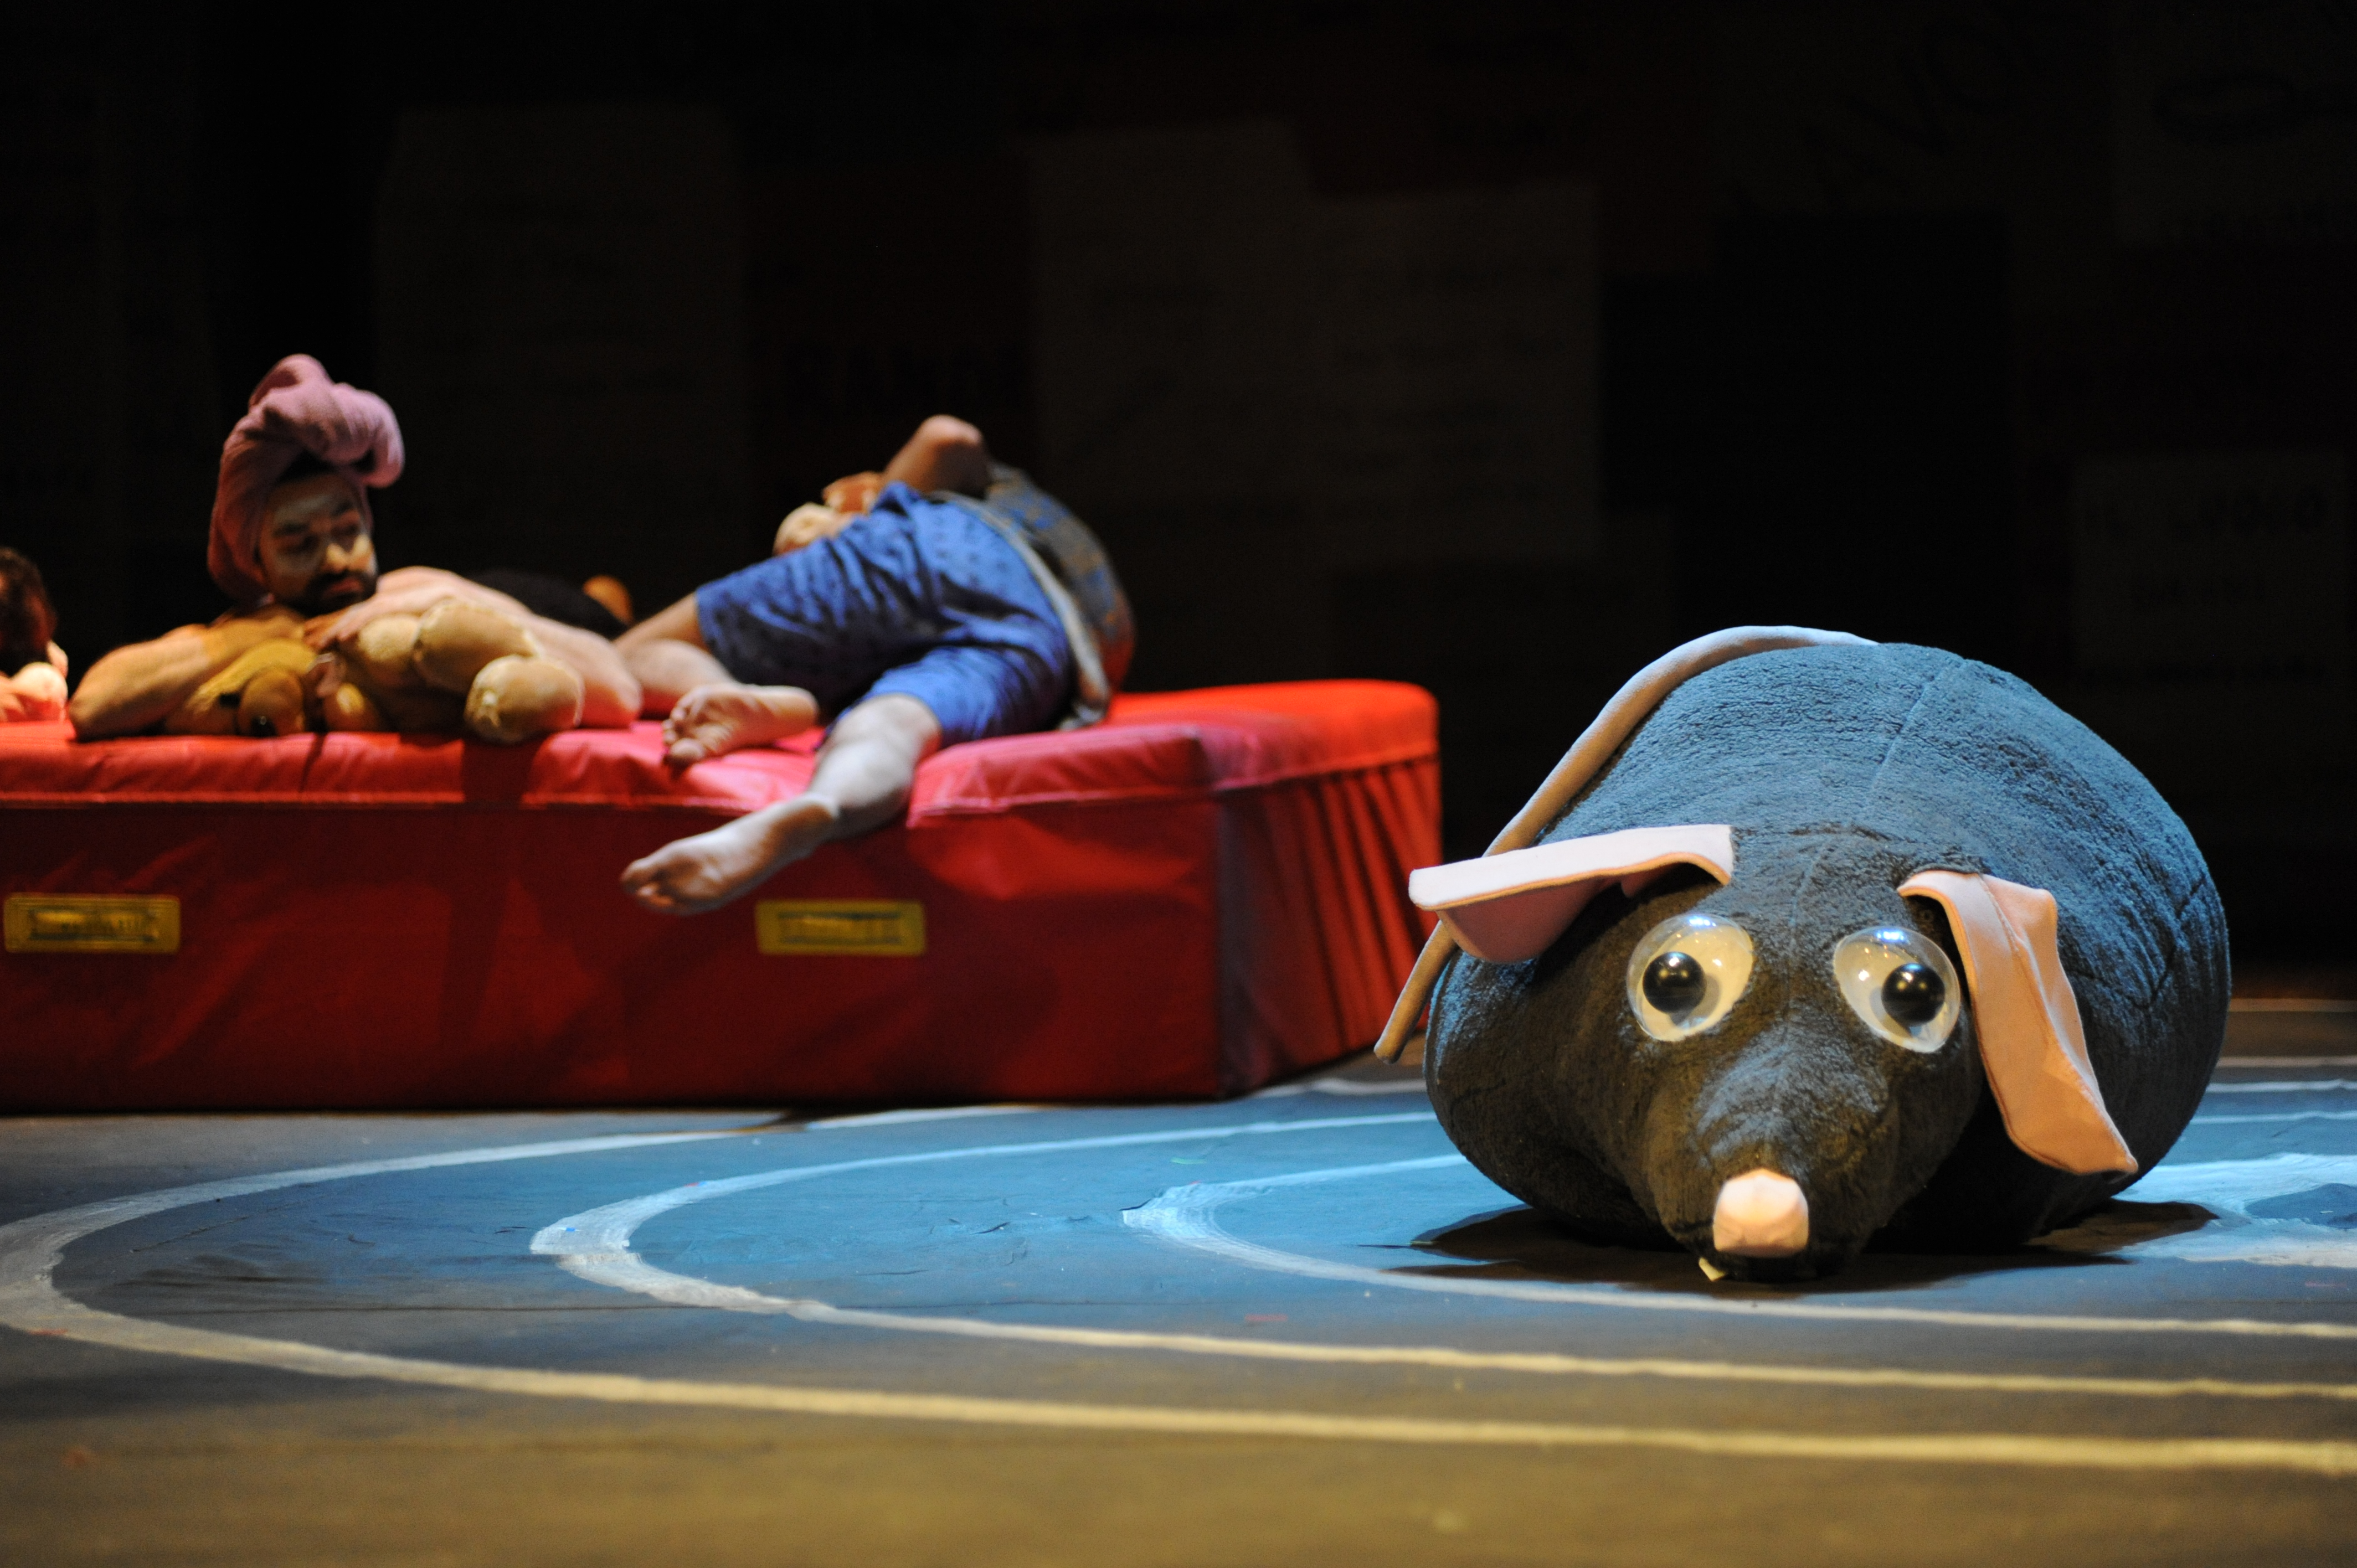 Les Jeux Sans Frontières del Ratto d'Europa. Le tante Europe d'Europa, il senso di comunità e il teatro che diverte